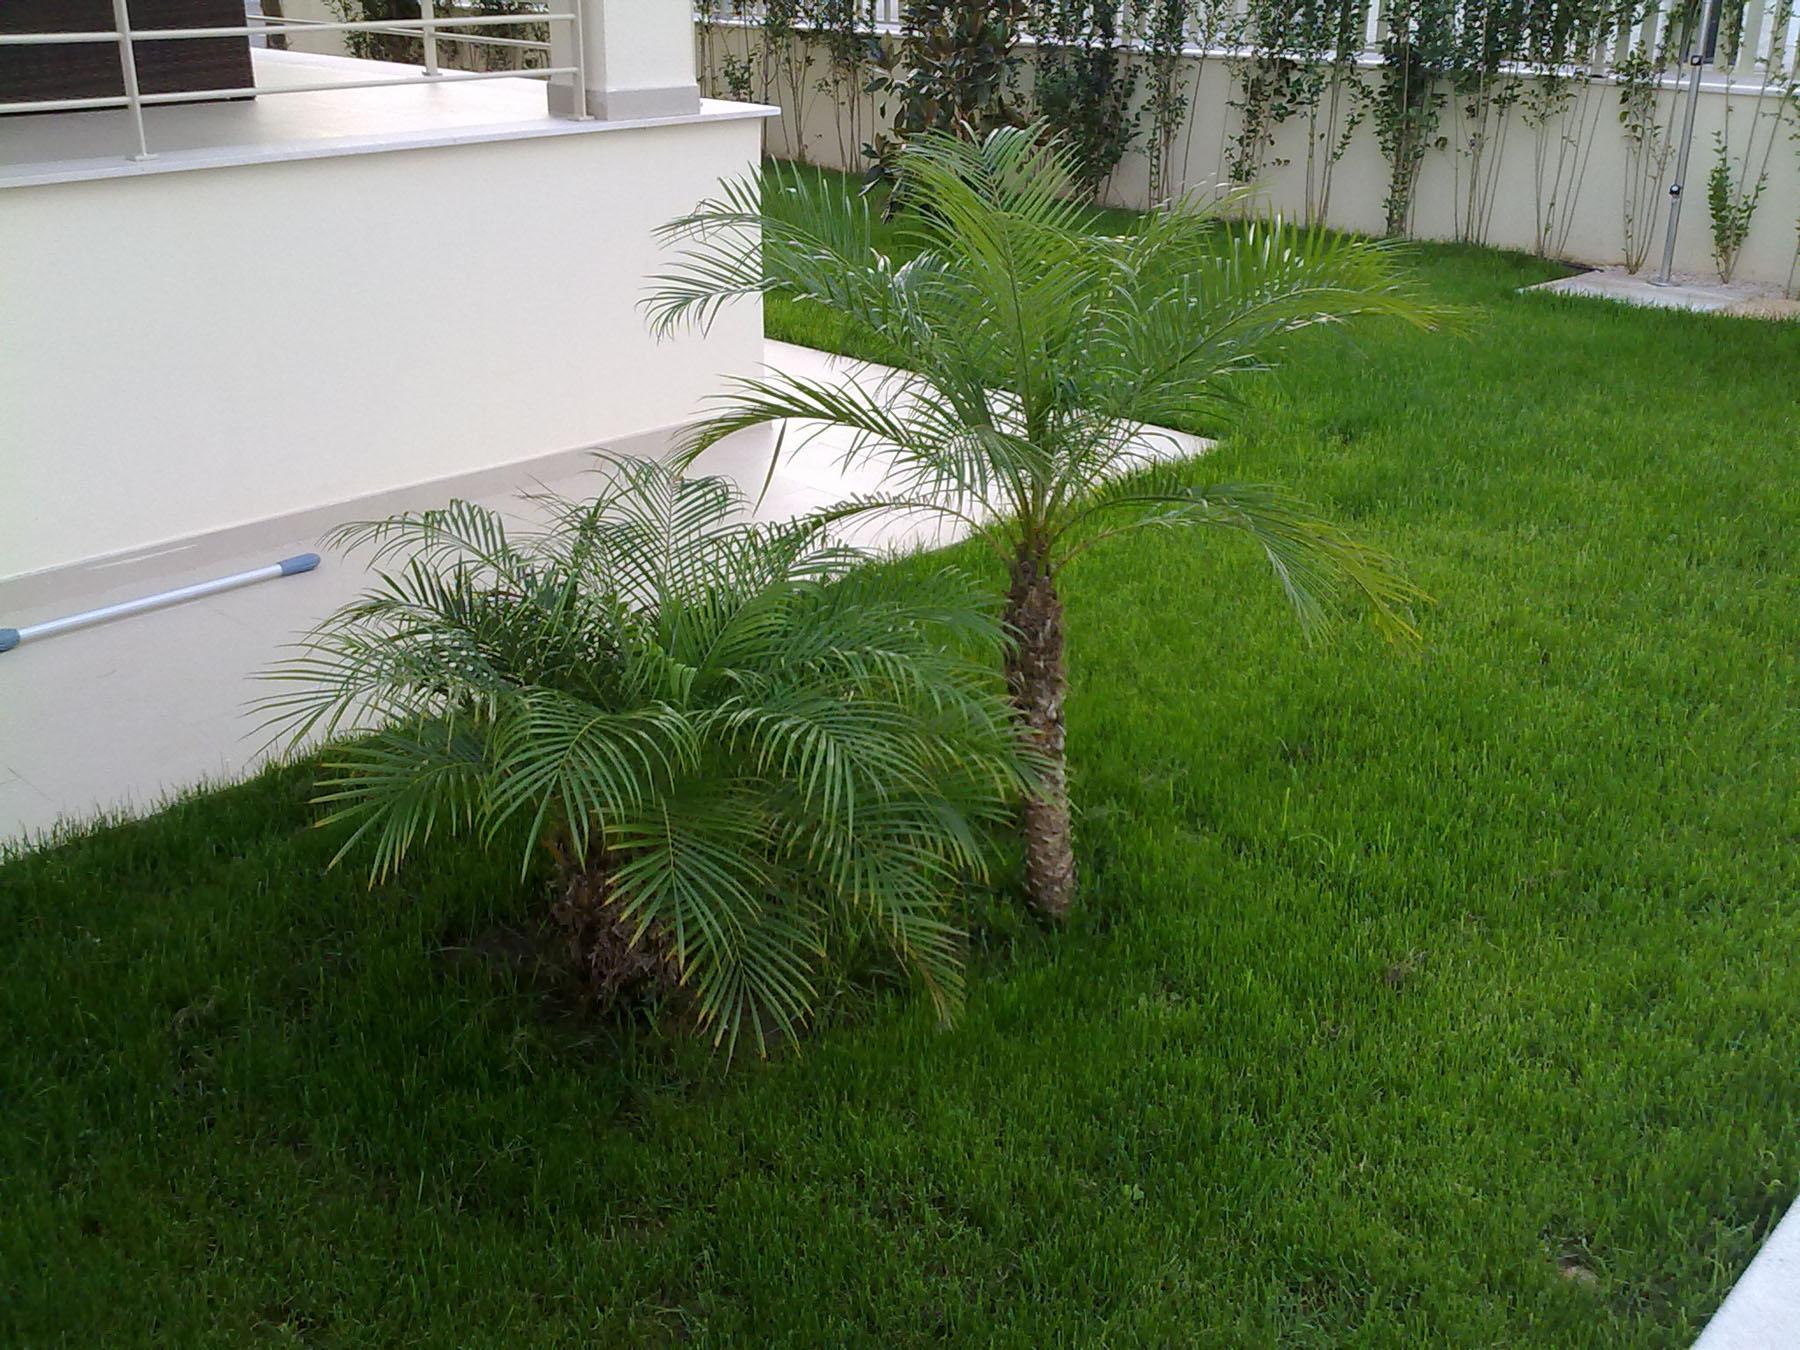 Dise o y mantenimiento de jardines jarditec for Mantenimiento de jardines